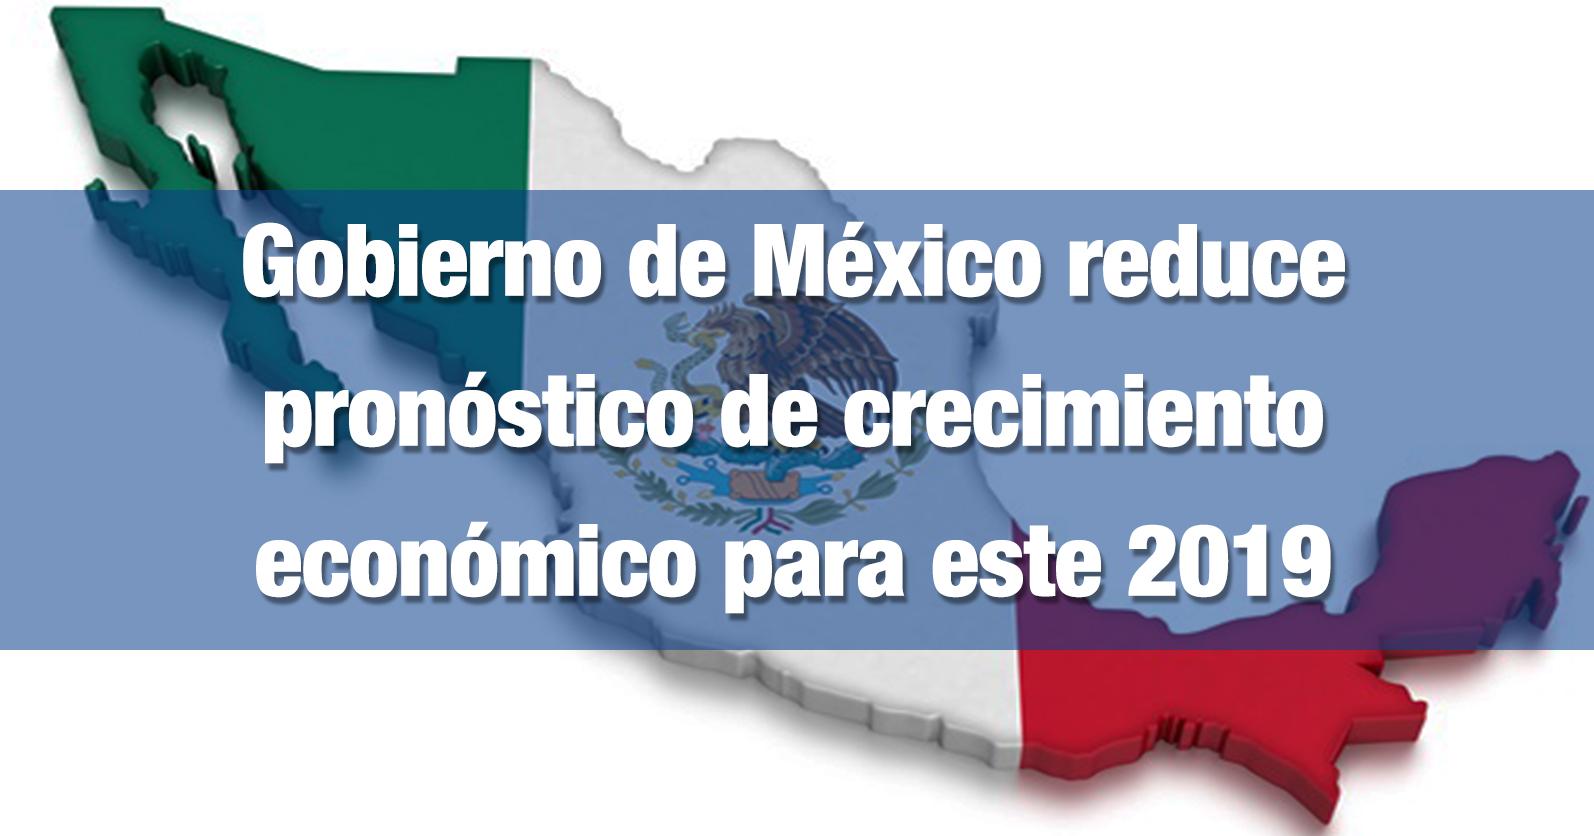 Gobierno de México reduce pronóstico de crecimiento económico para este 2019